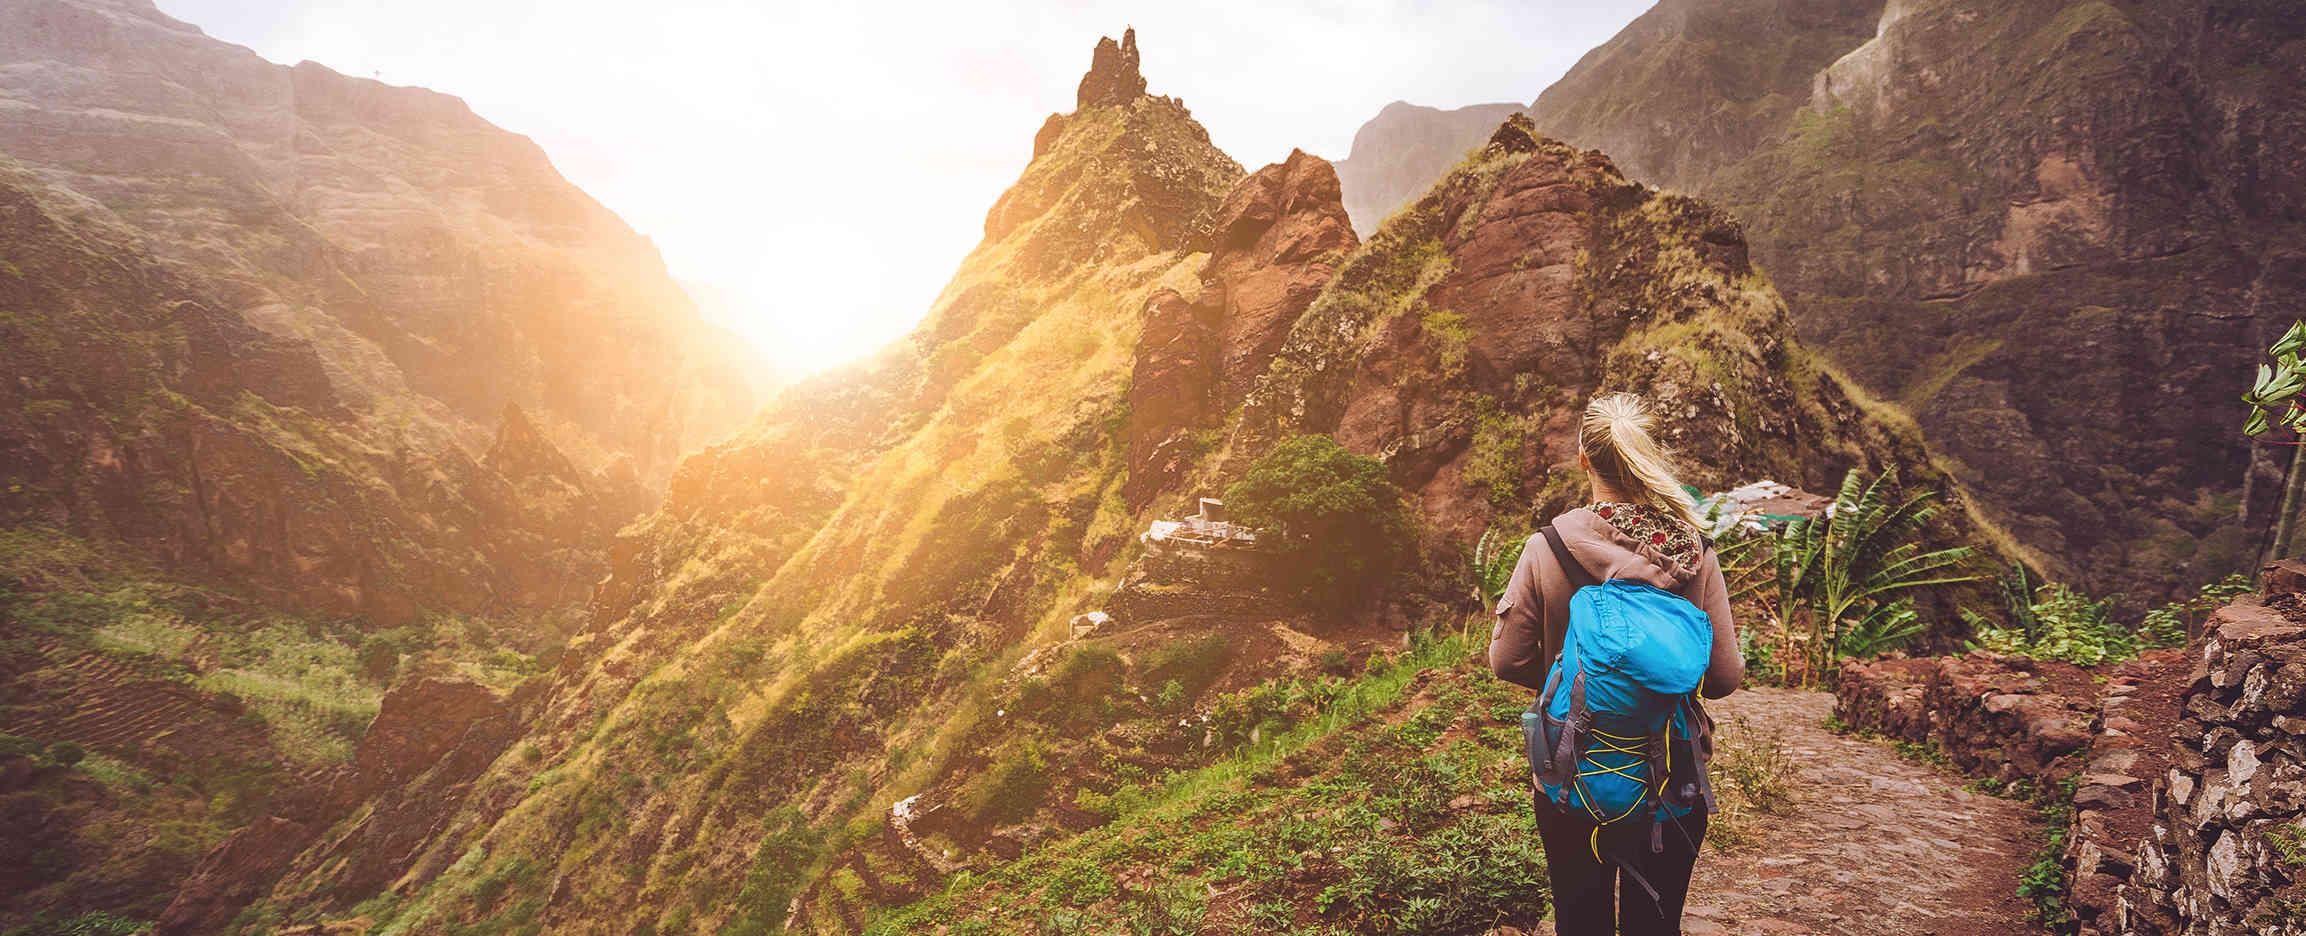 10 razones para ir a Cabo Verde ya, el destino emergente para viajar